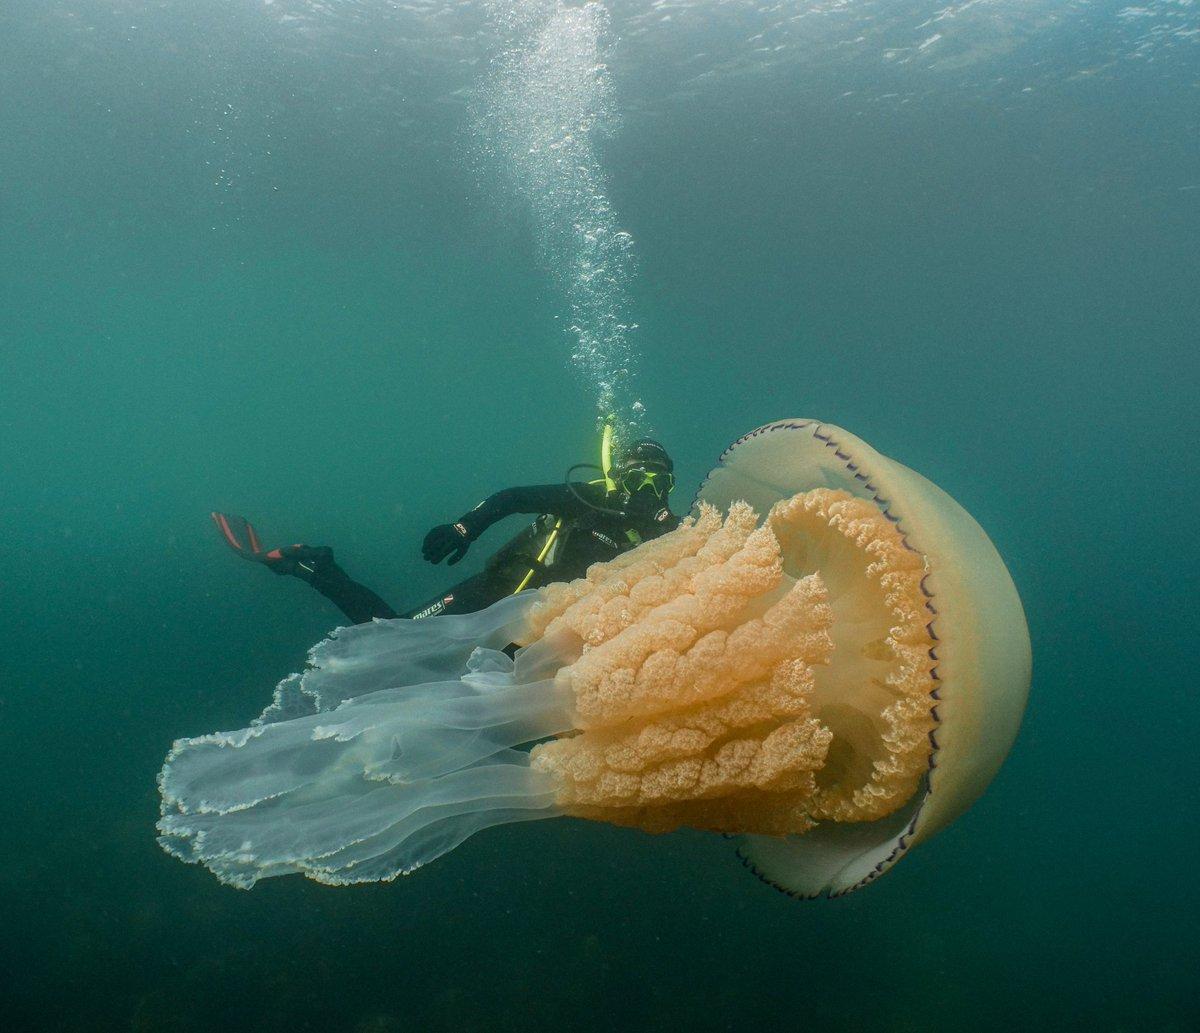 В Великобритании нашли медузу крупнее человека.Вокруг Света. Украина